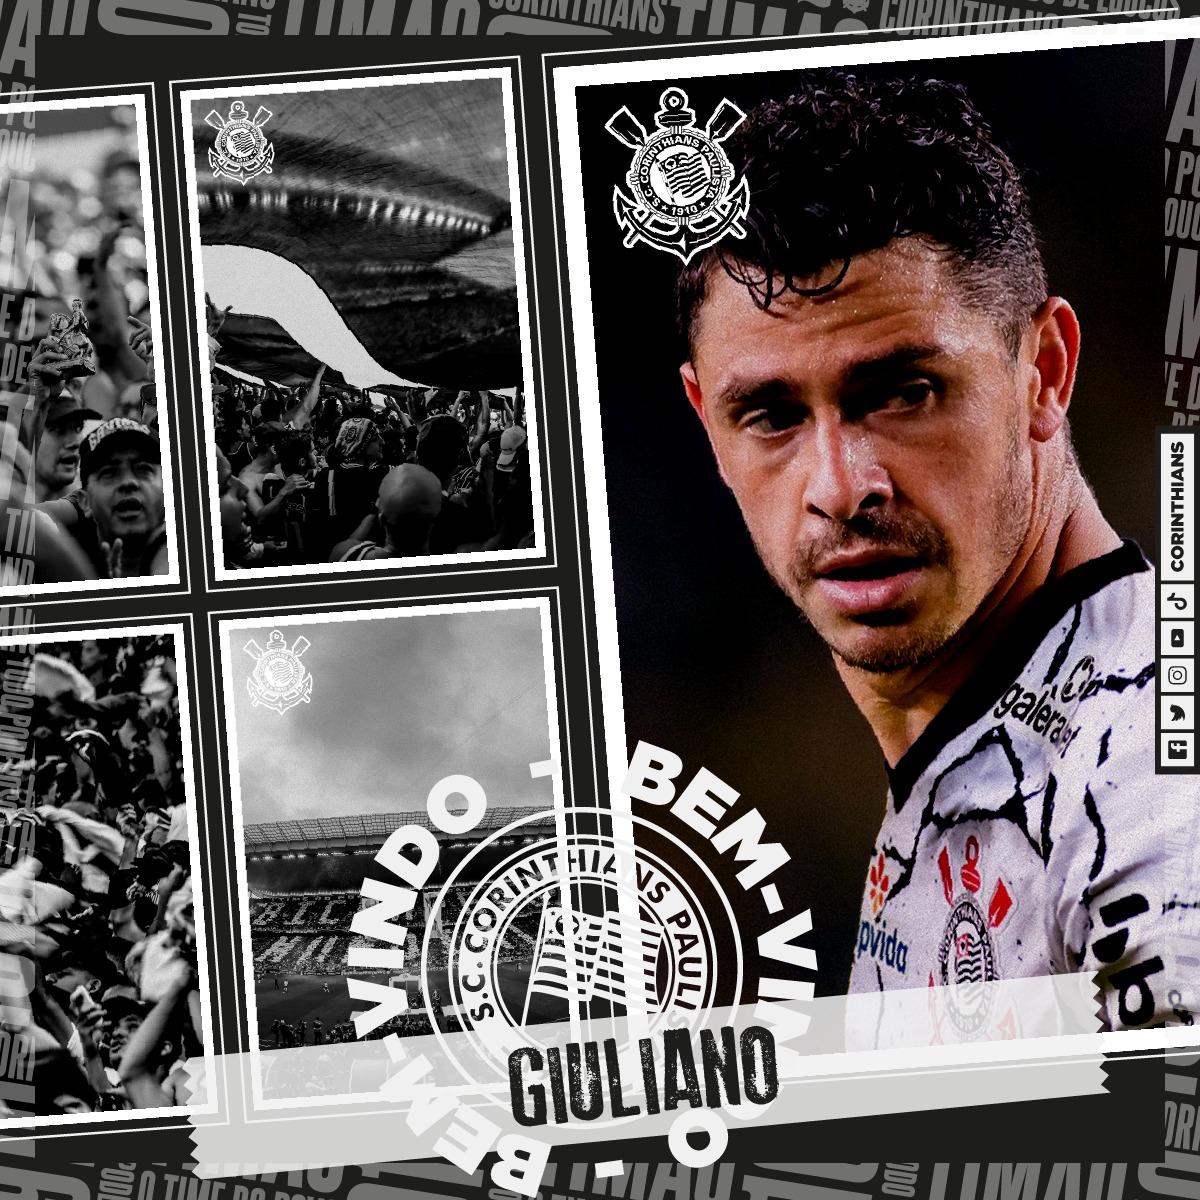 Em montagem, Giuliano aparece com a camisa do Corinthians